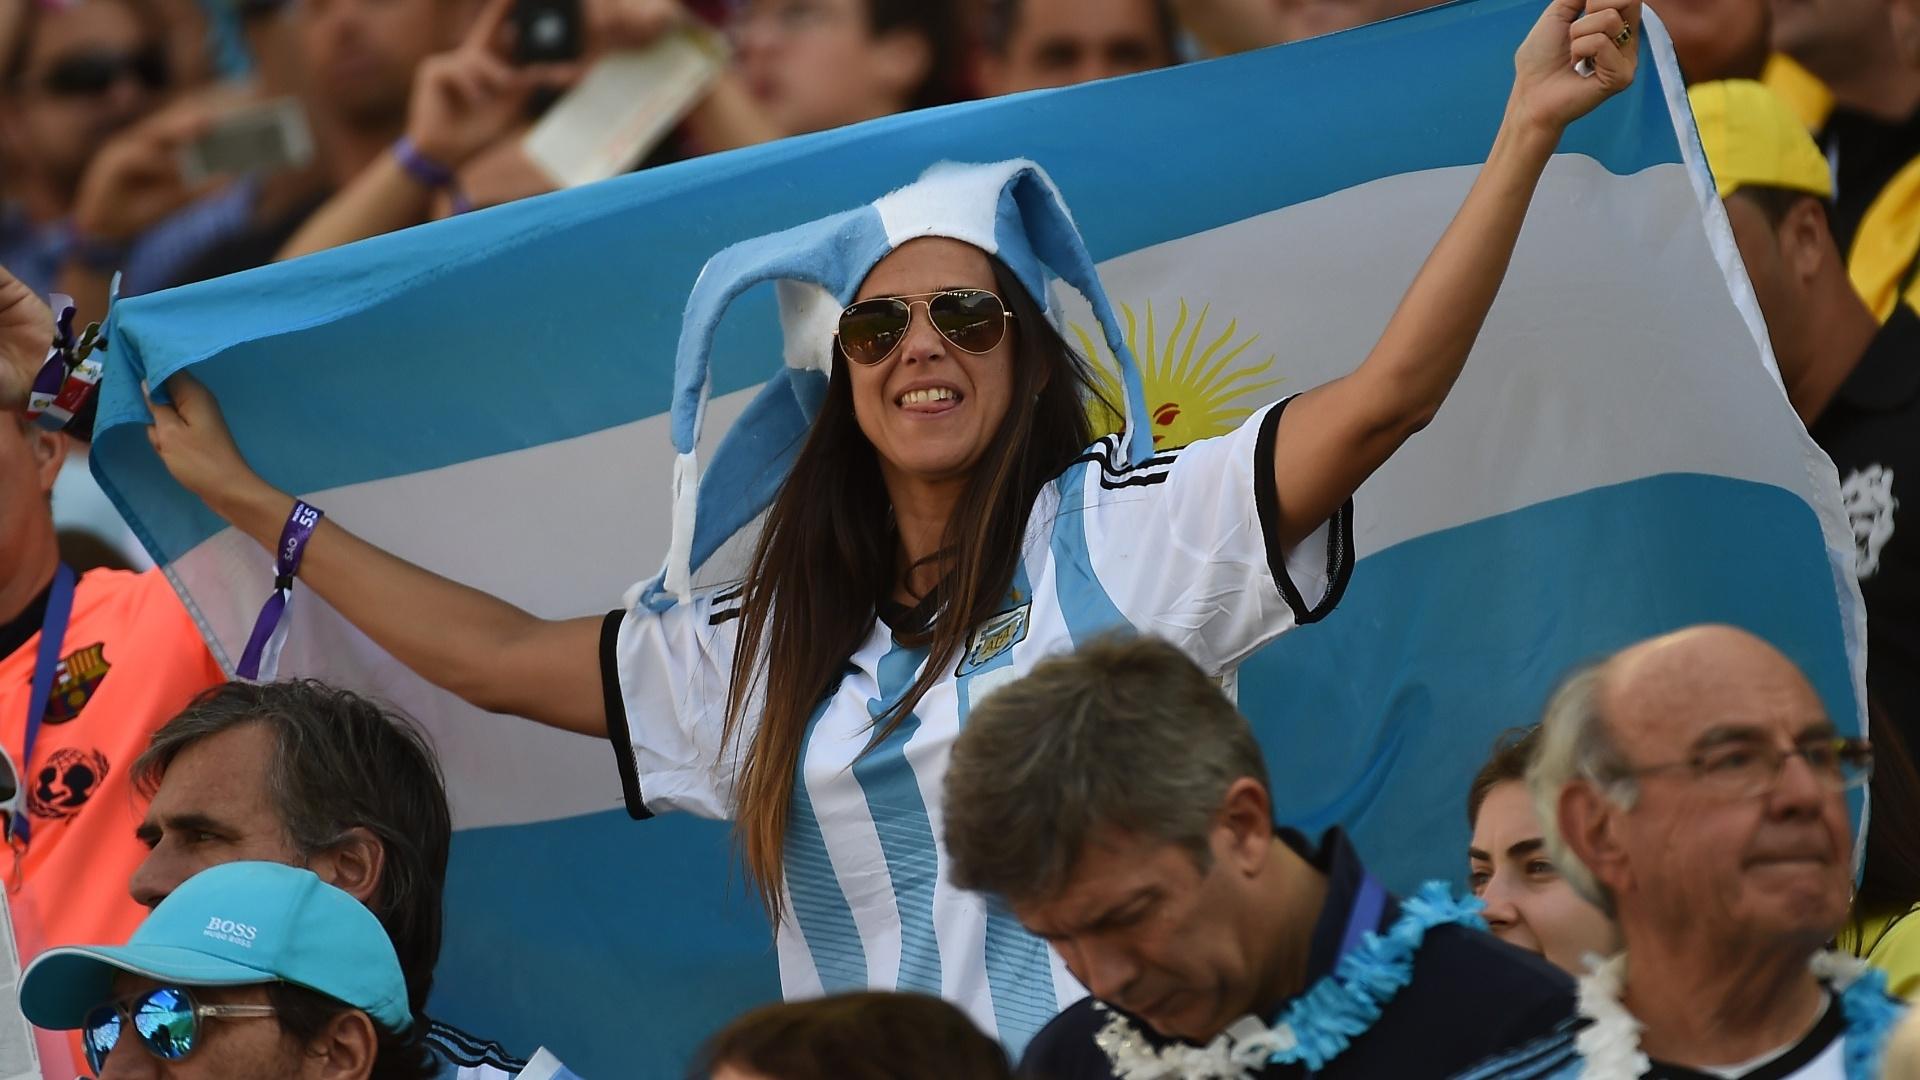 Torcedora exibe bandeira da Argentina na arquibancada do Itaquerão